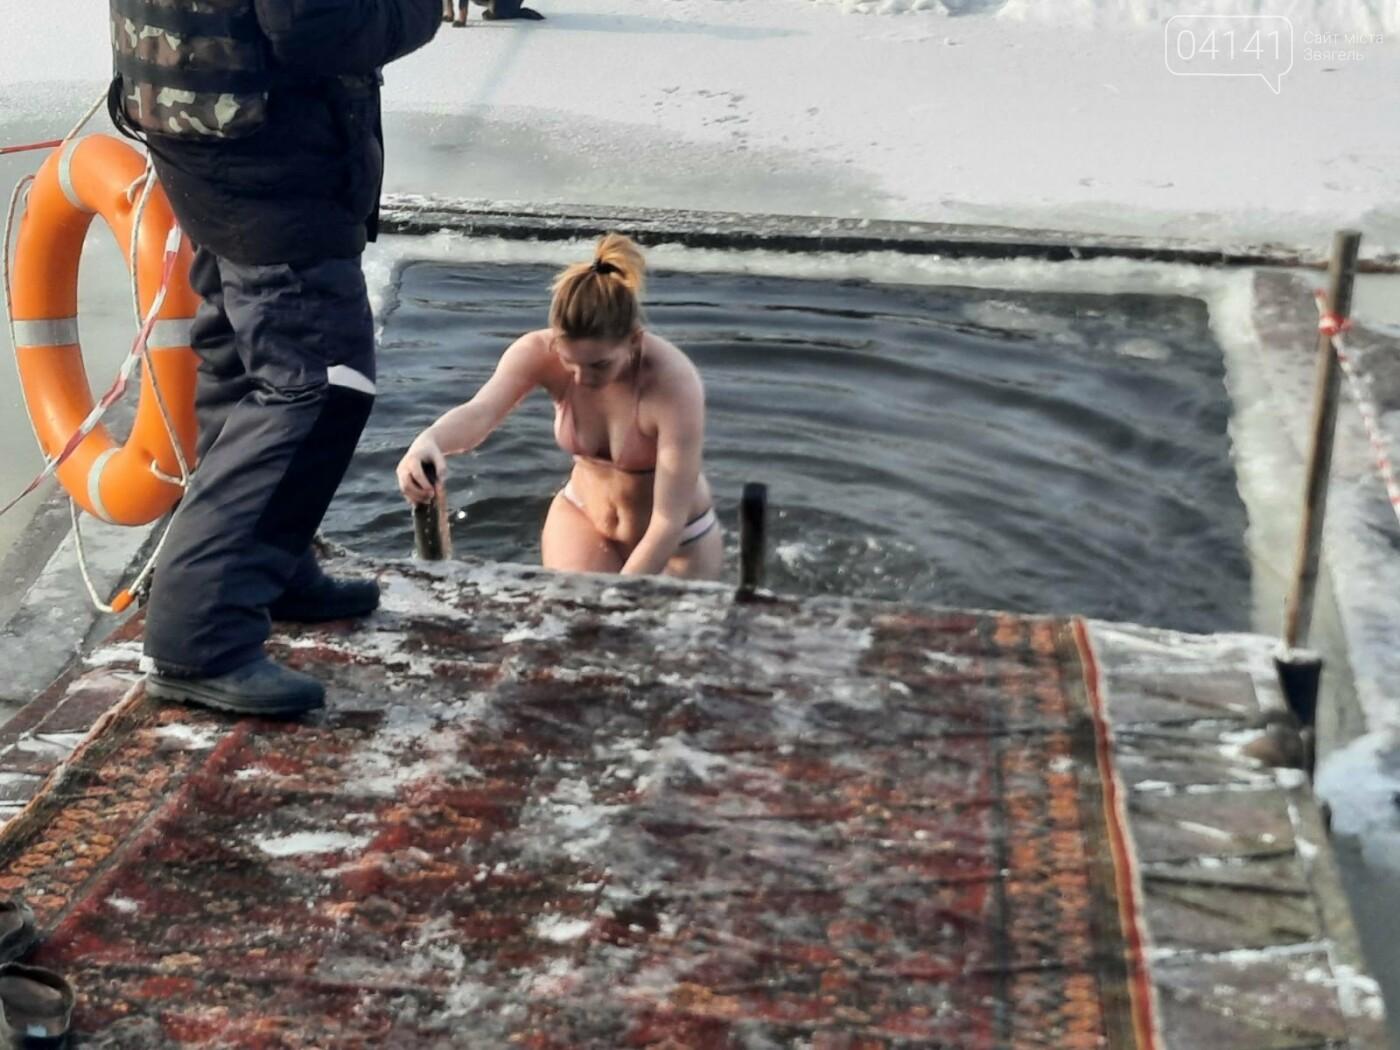 Як в Новограді-Волинському проходили водохресні купання (ФОТО-, ВІДЕОРЕПОРТАЖ), фото-1